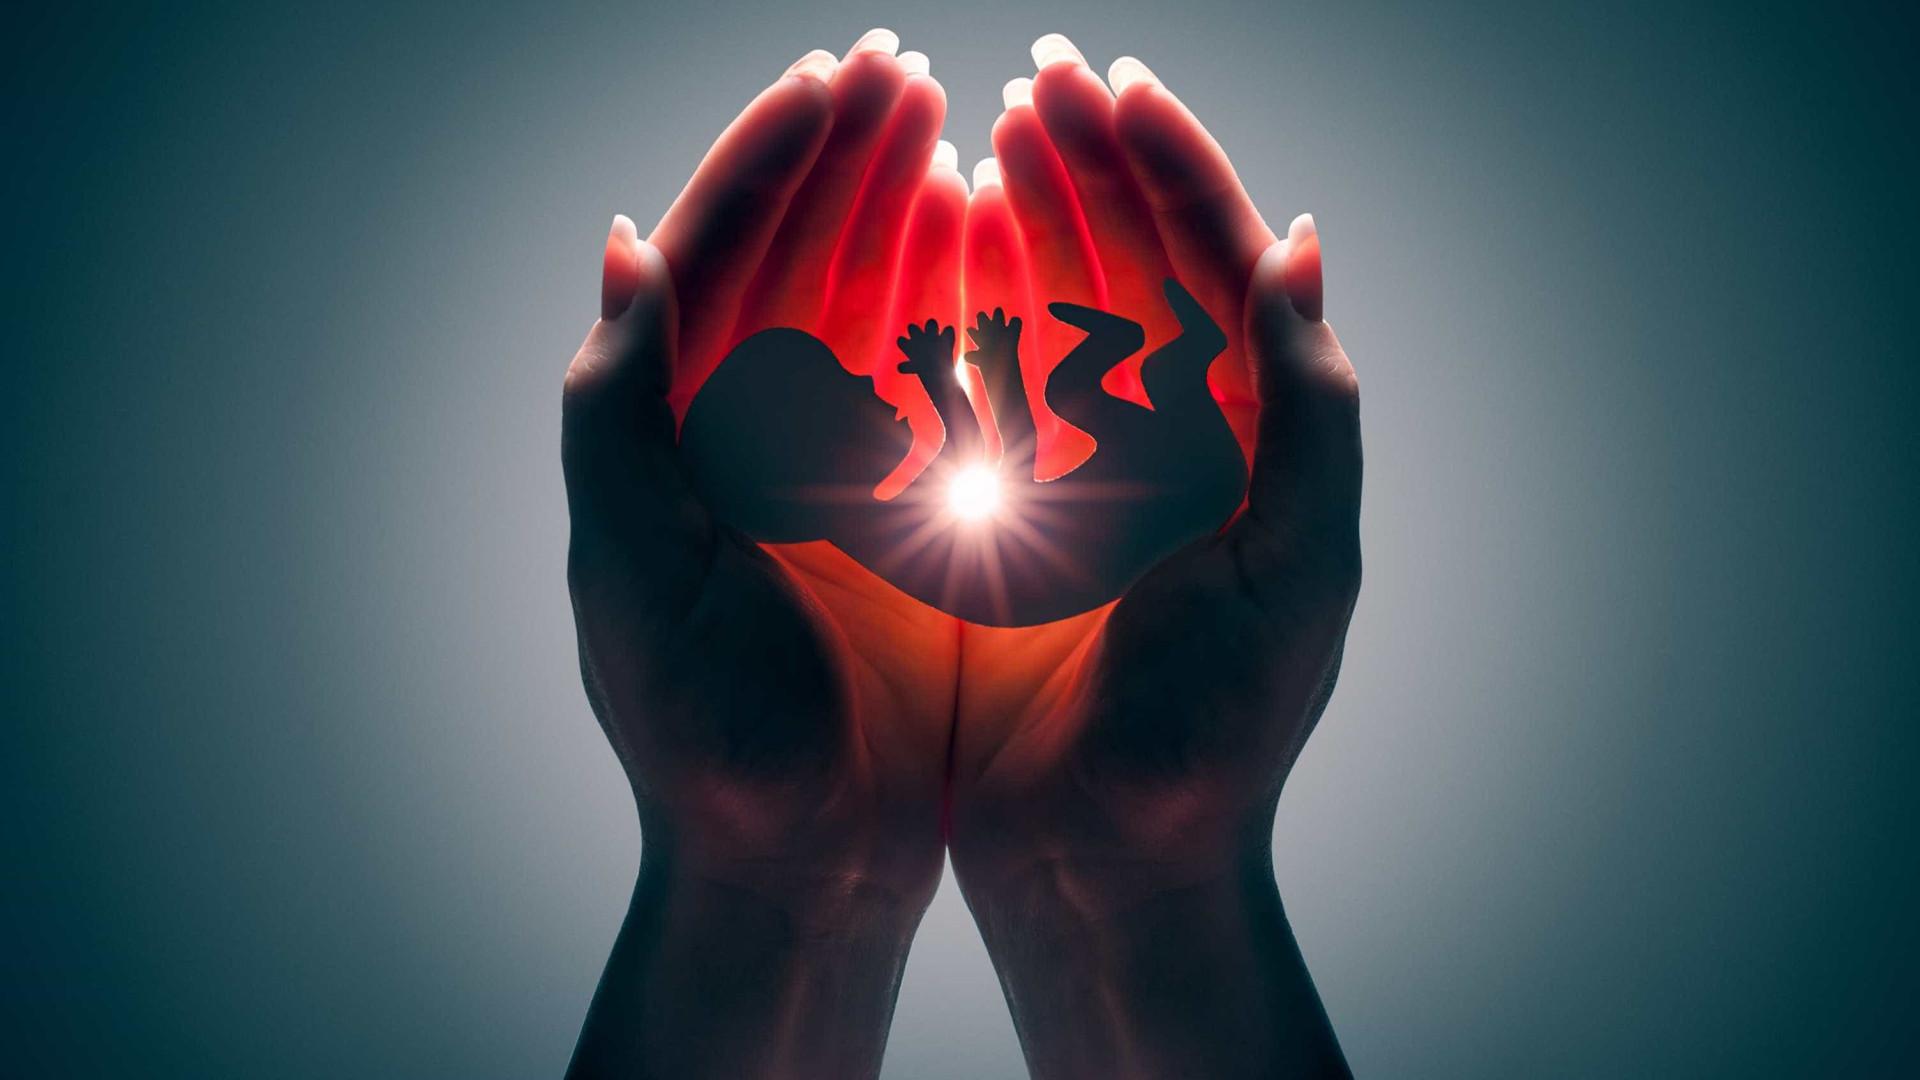 Parlamento da Argentina aprova despenalização do aborto até às 14 semanas